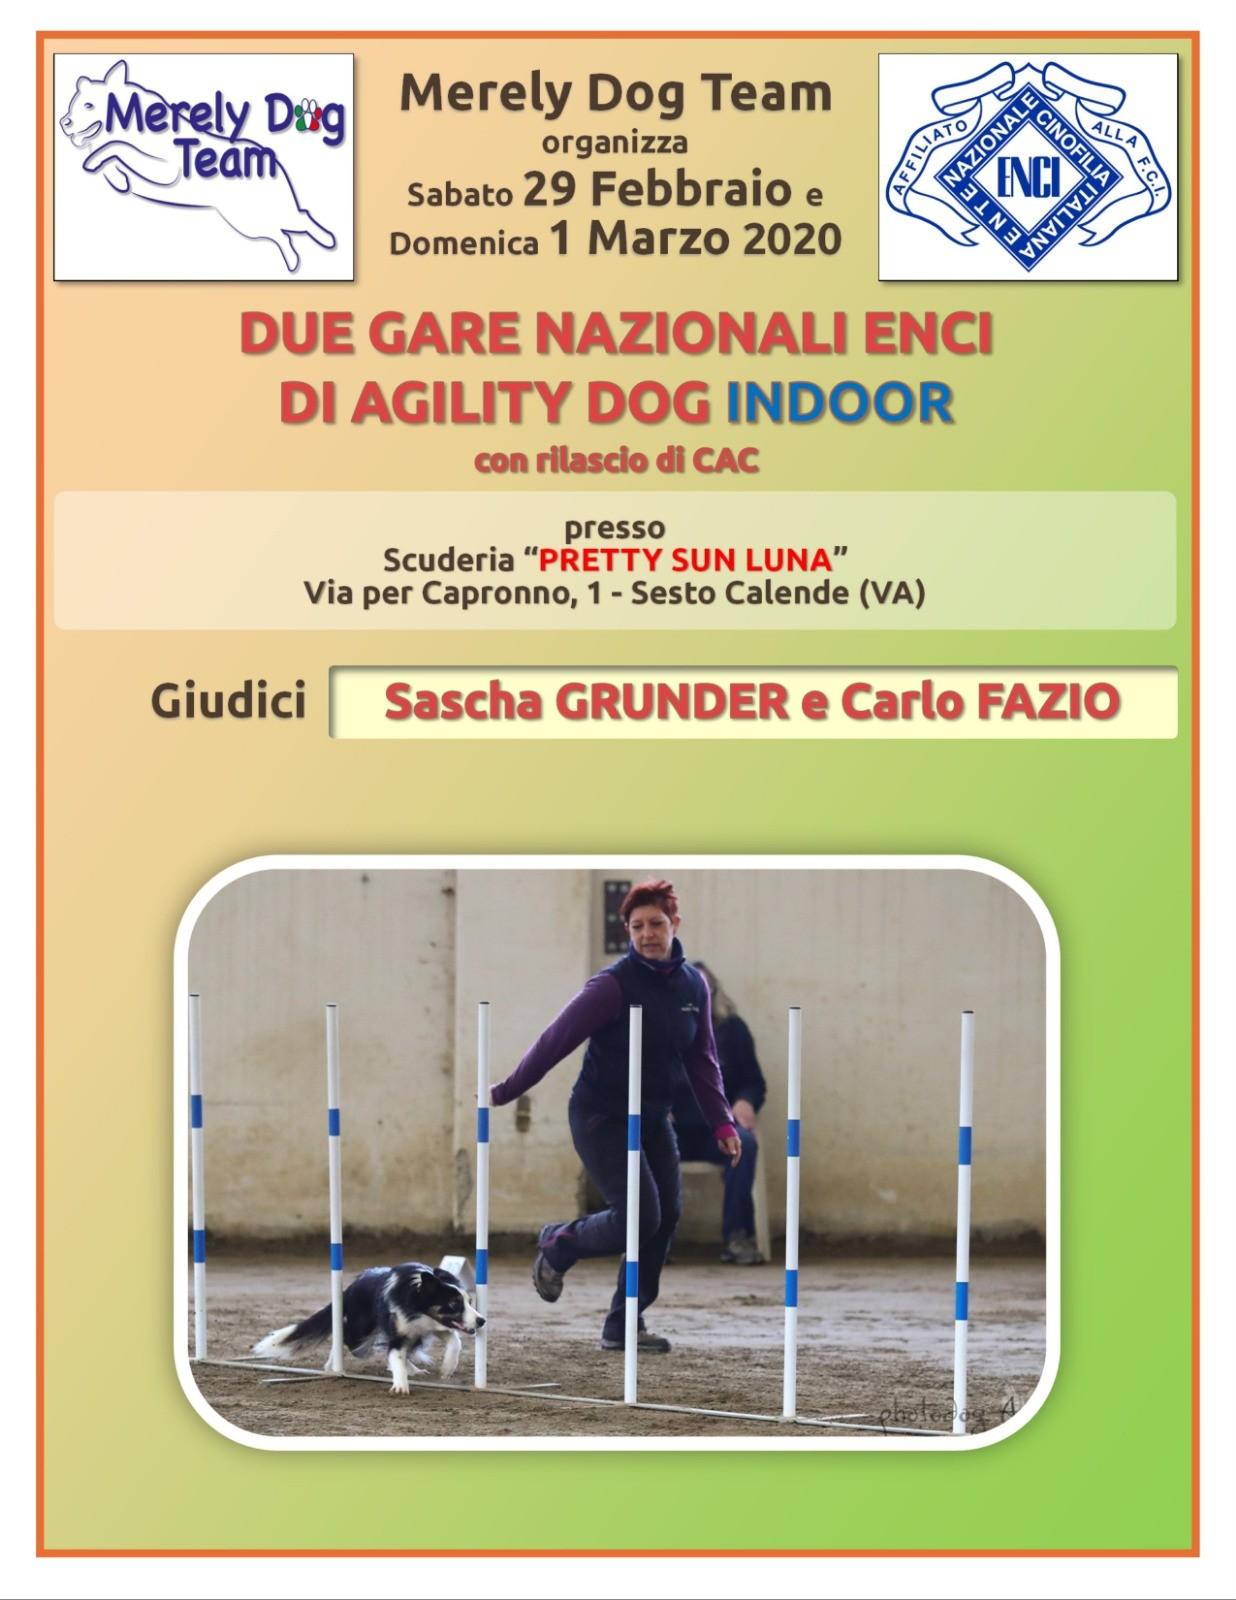 Merely Dog Team 29 Febbraio 2020